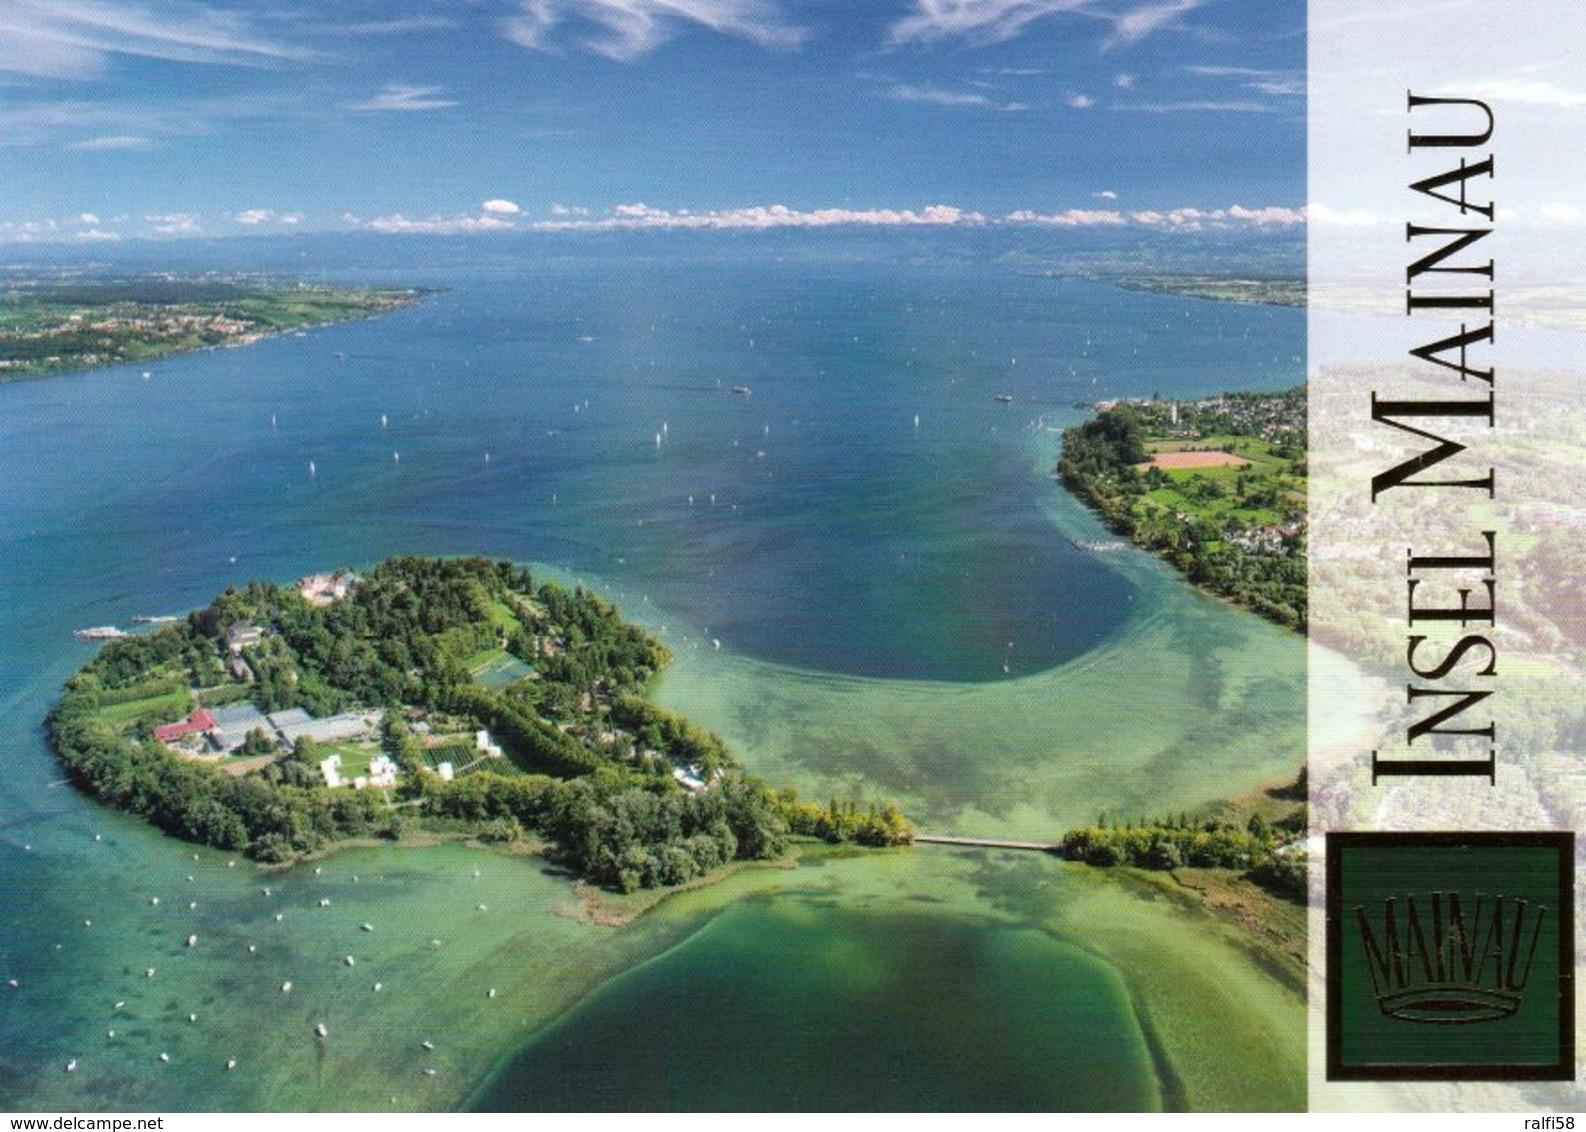 1 AK Germany Baden-Württemberg * Blick Auf Die Insel Mainau - Luftbildaufnahme * - Konstanz